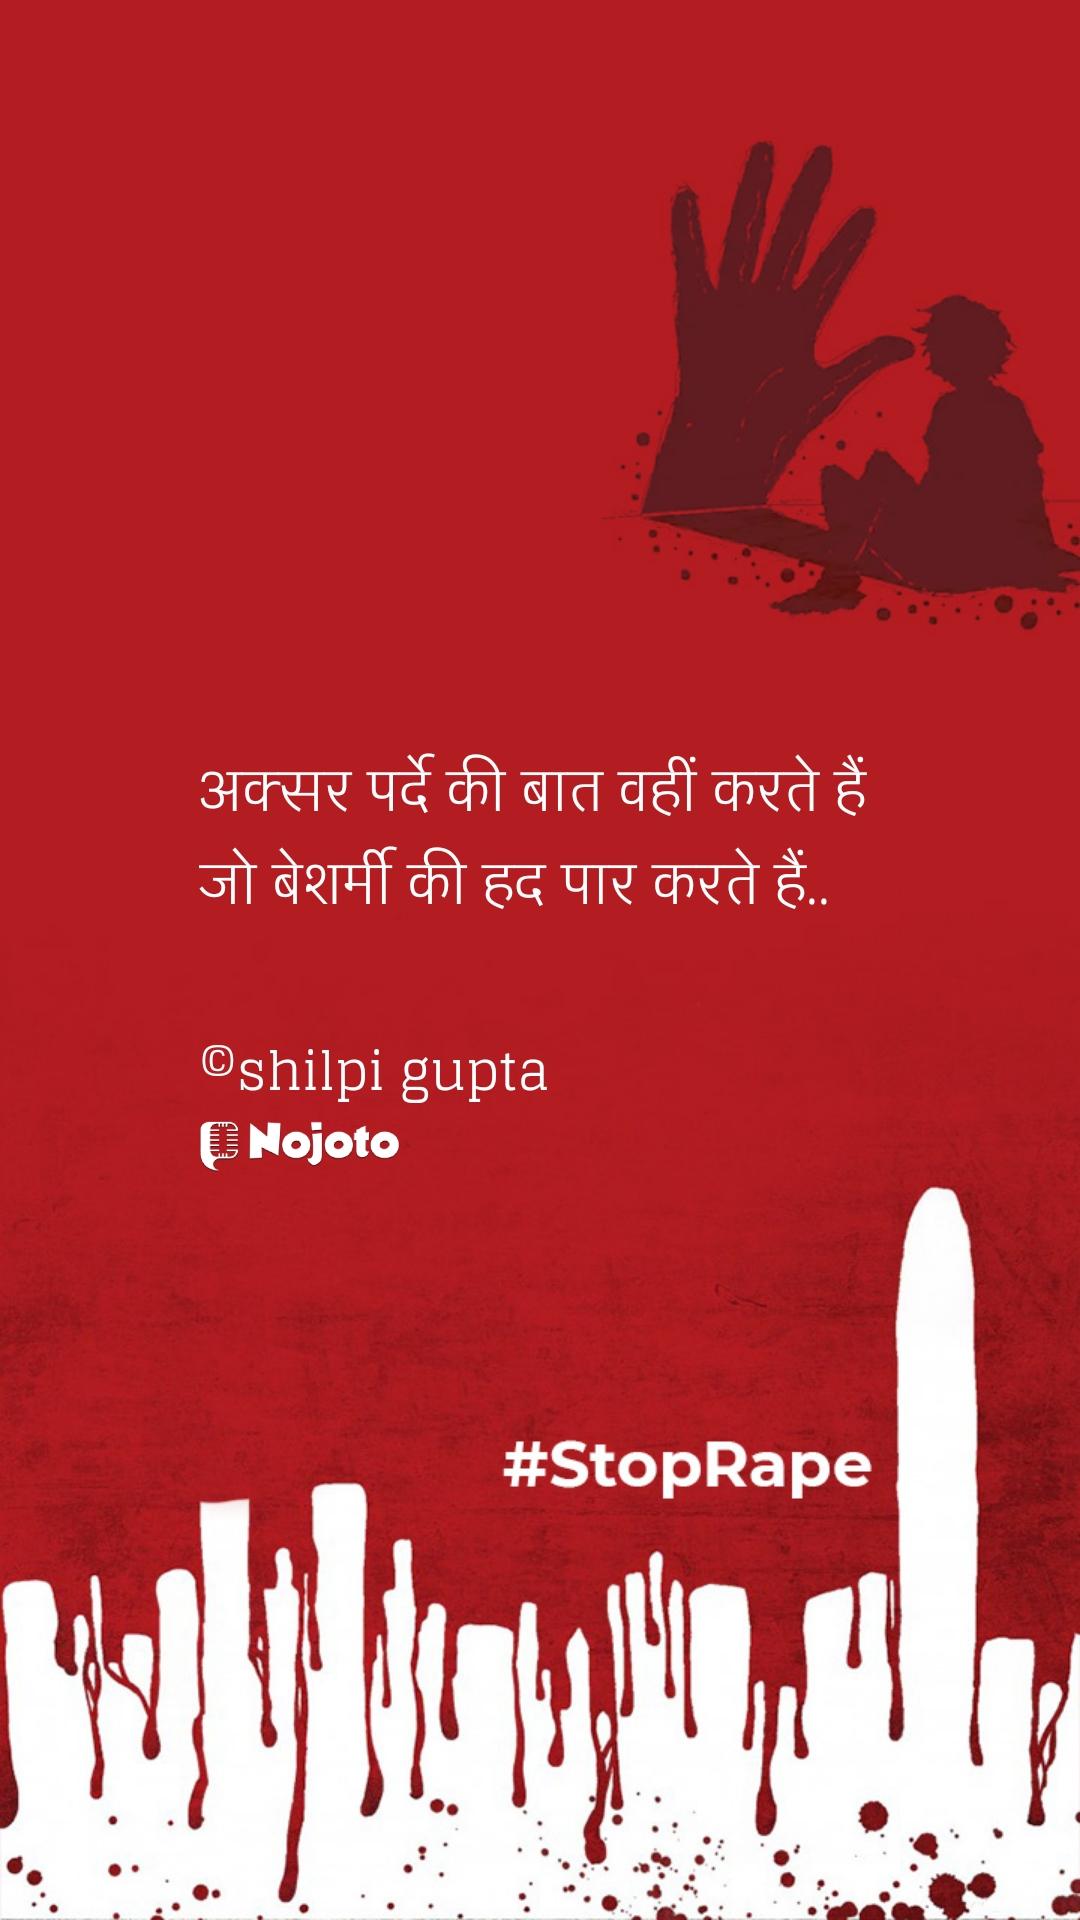 अक्सर पर्दे की बात वहीं करते हैं  जो बेशर्मी की हद पार करते हैं..  ©shilpi gupta